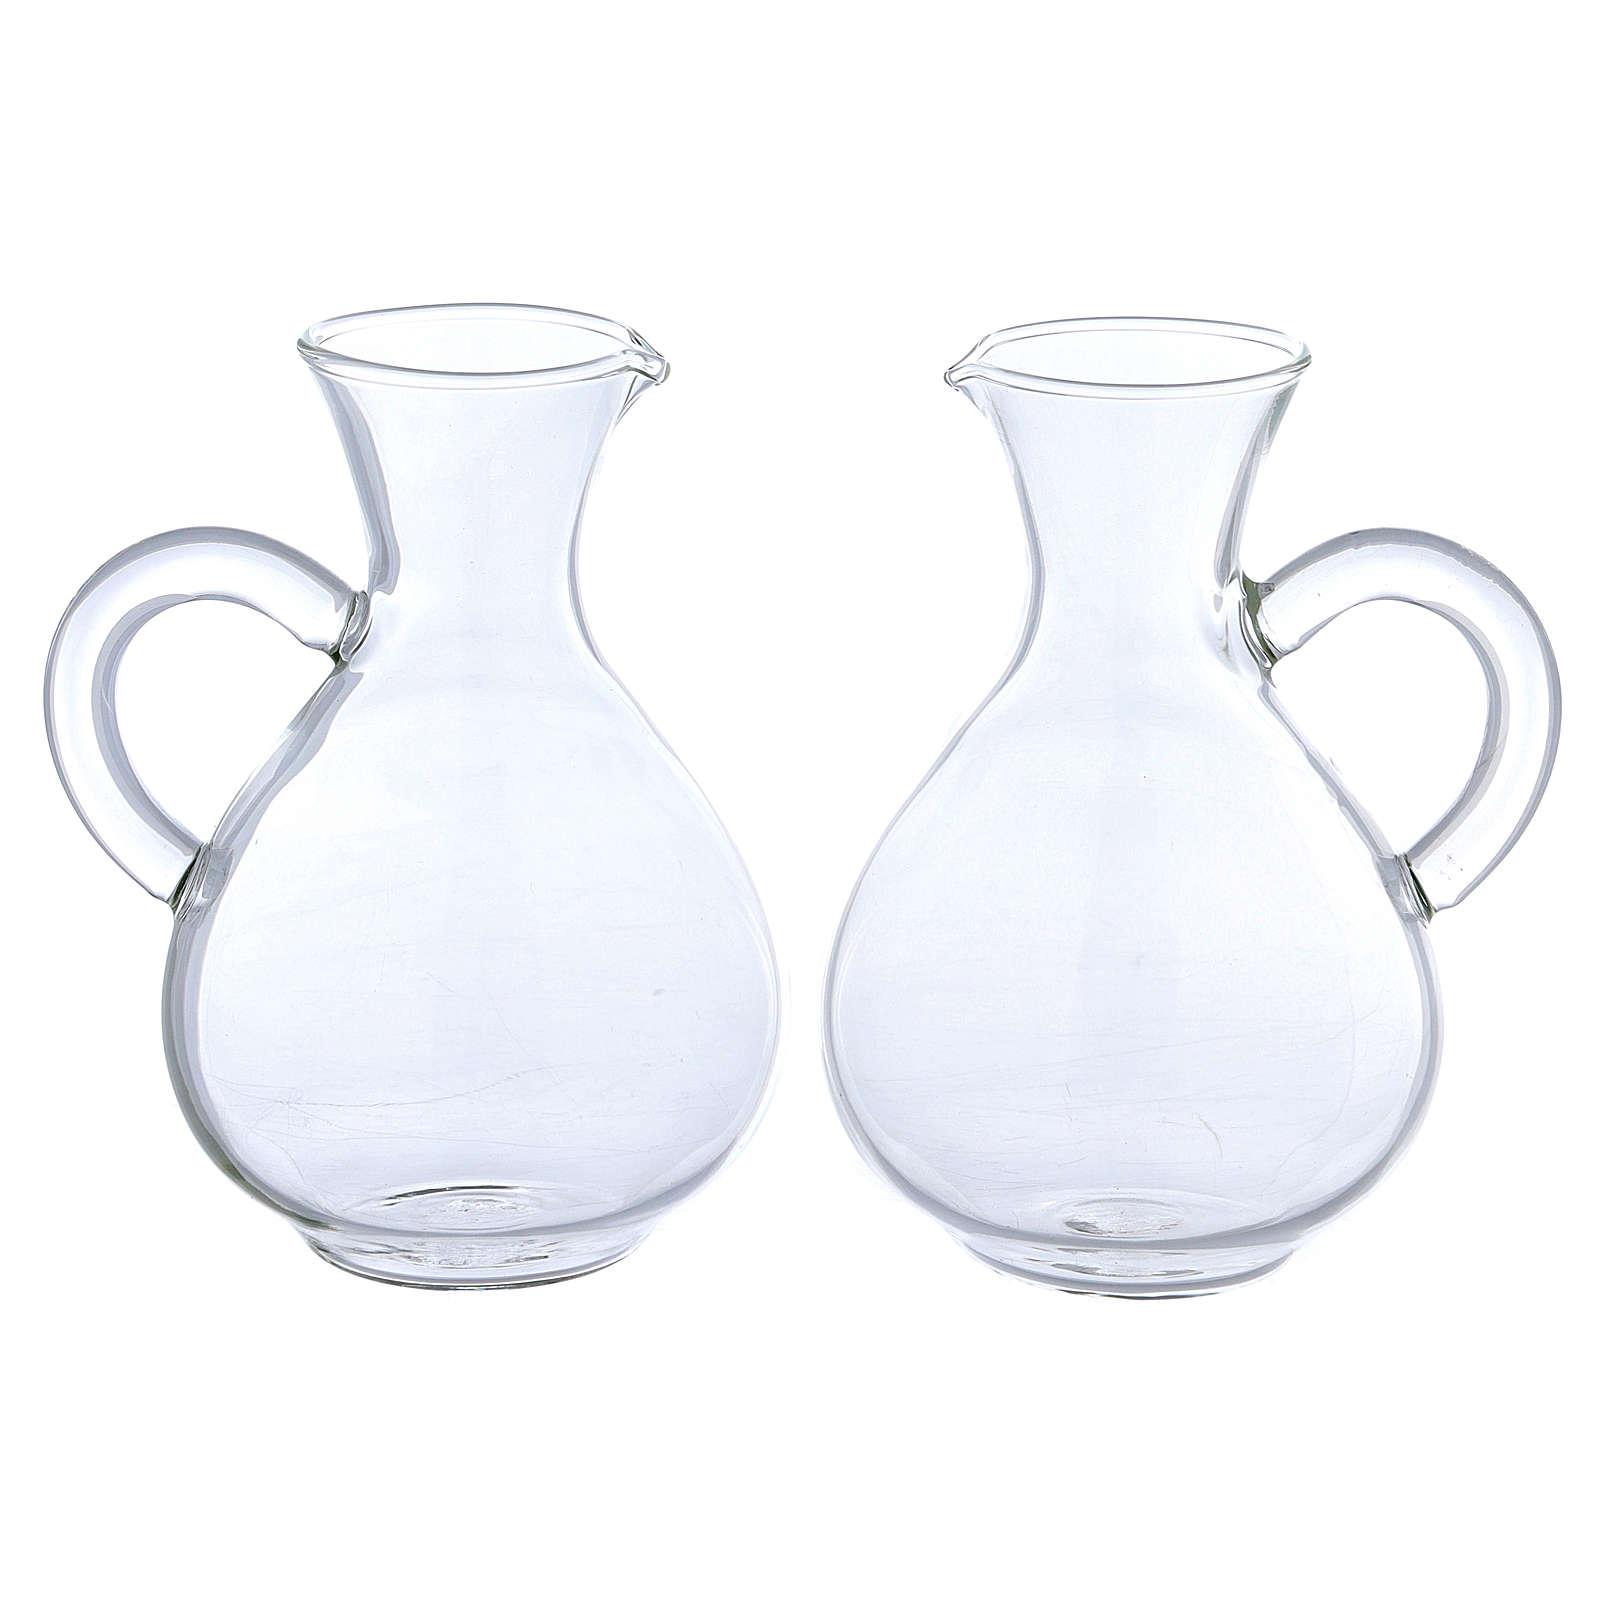 Jarritas de vidrio modelo Palermo 2 piezas 4